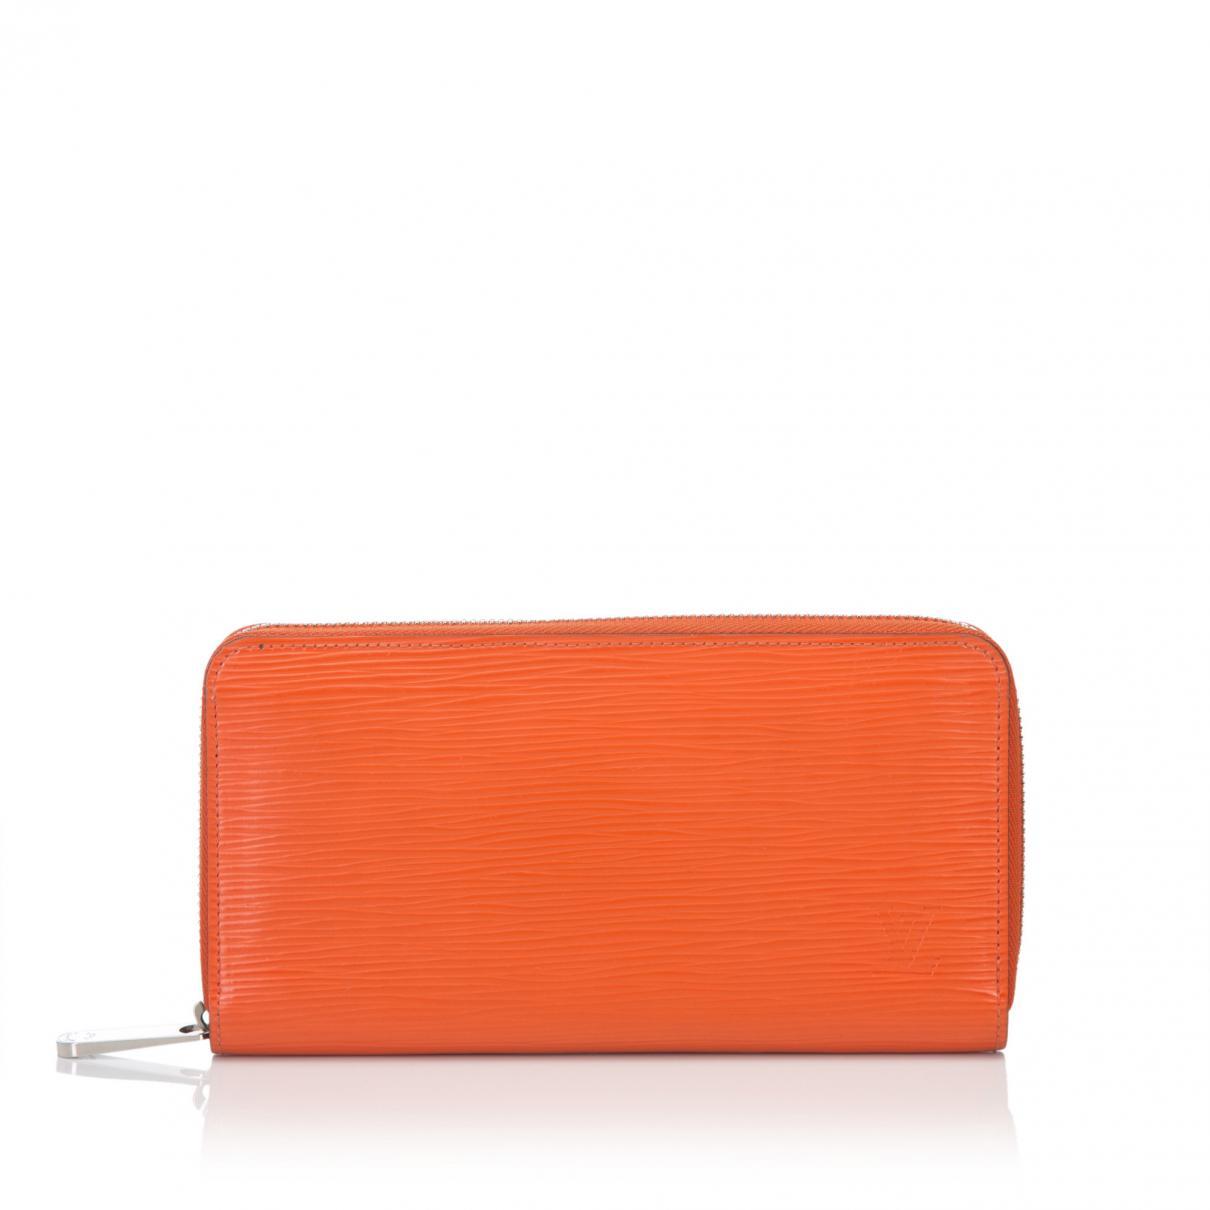 246cbdf7e7b1 Louis Vuitton Piment Epi Leather Zippy Wallet in Orange - Save 31 ...